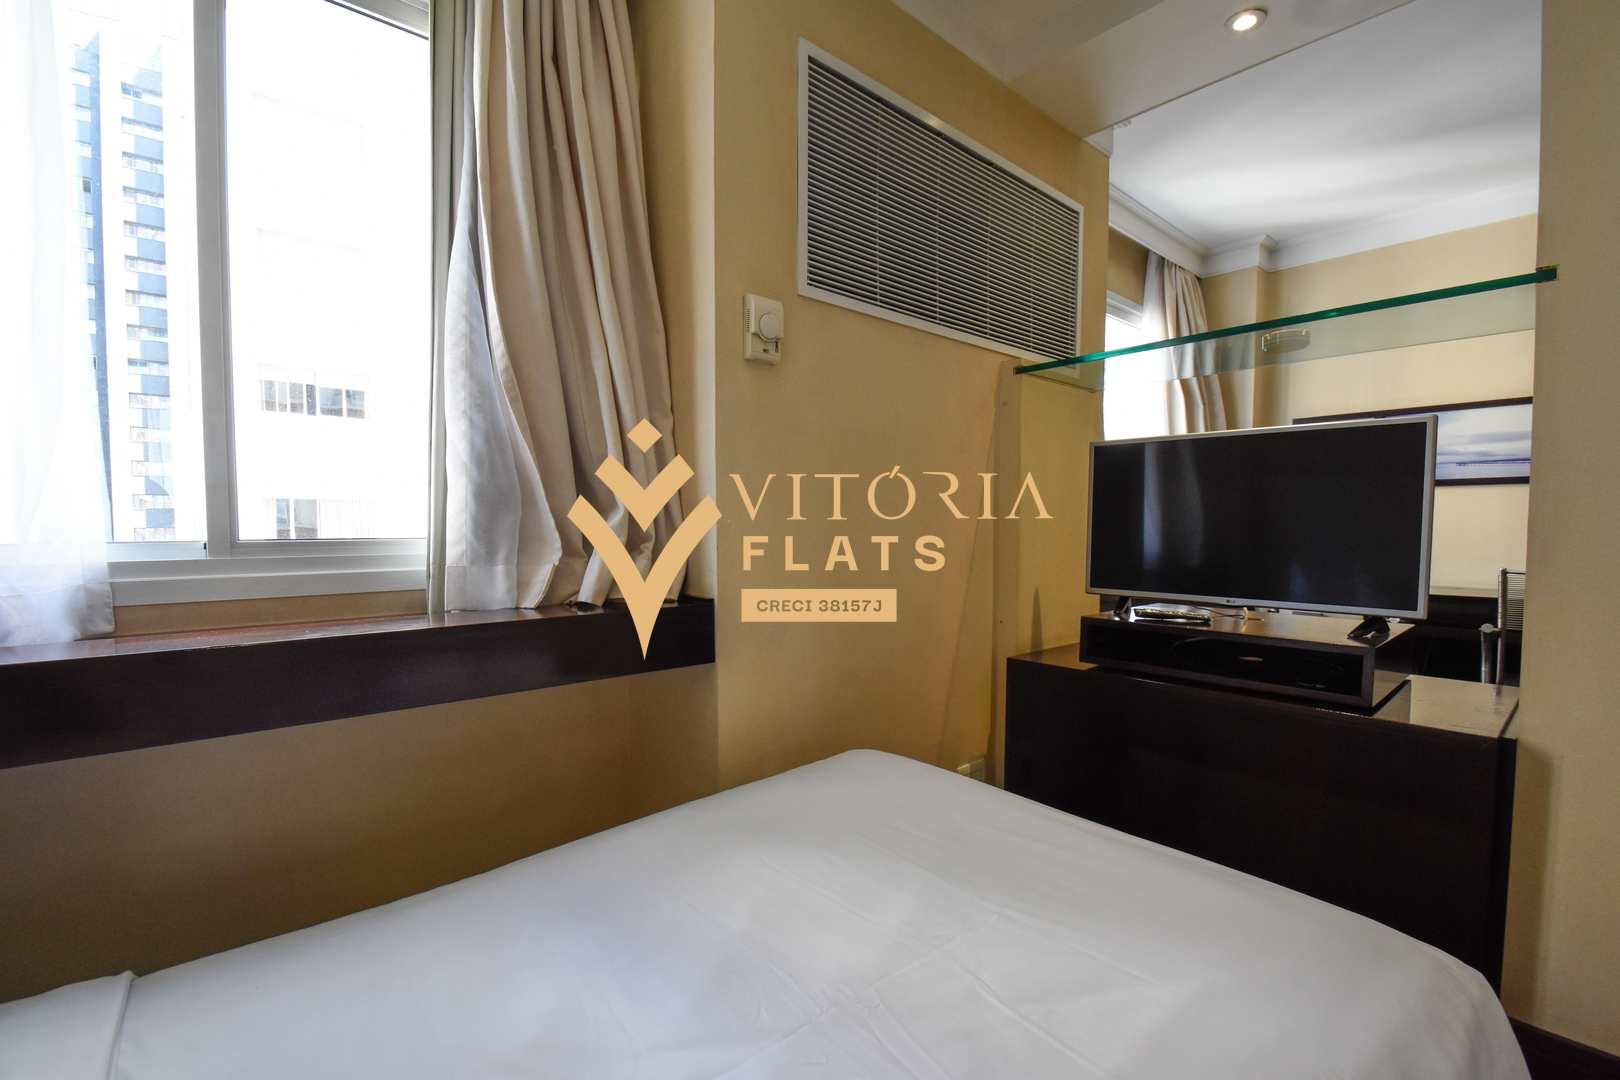 Flat com 1 dorm, Cerqueira César, São Paulo Cod: 53260081